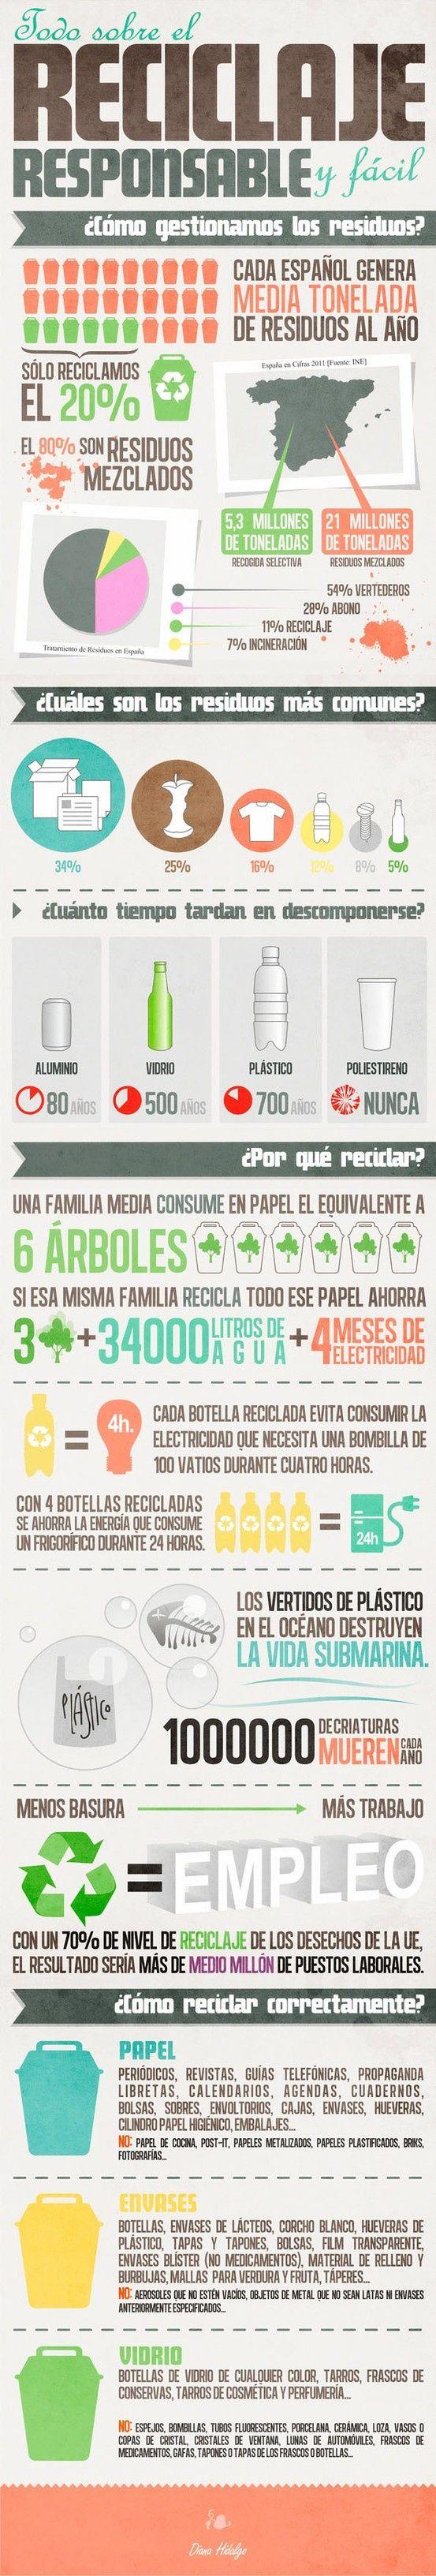 Reciclaje, todo lo que debes saber. | #Reciclaje - #DIY – Recycling ecoagricultor.com